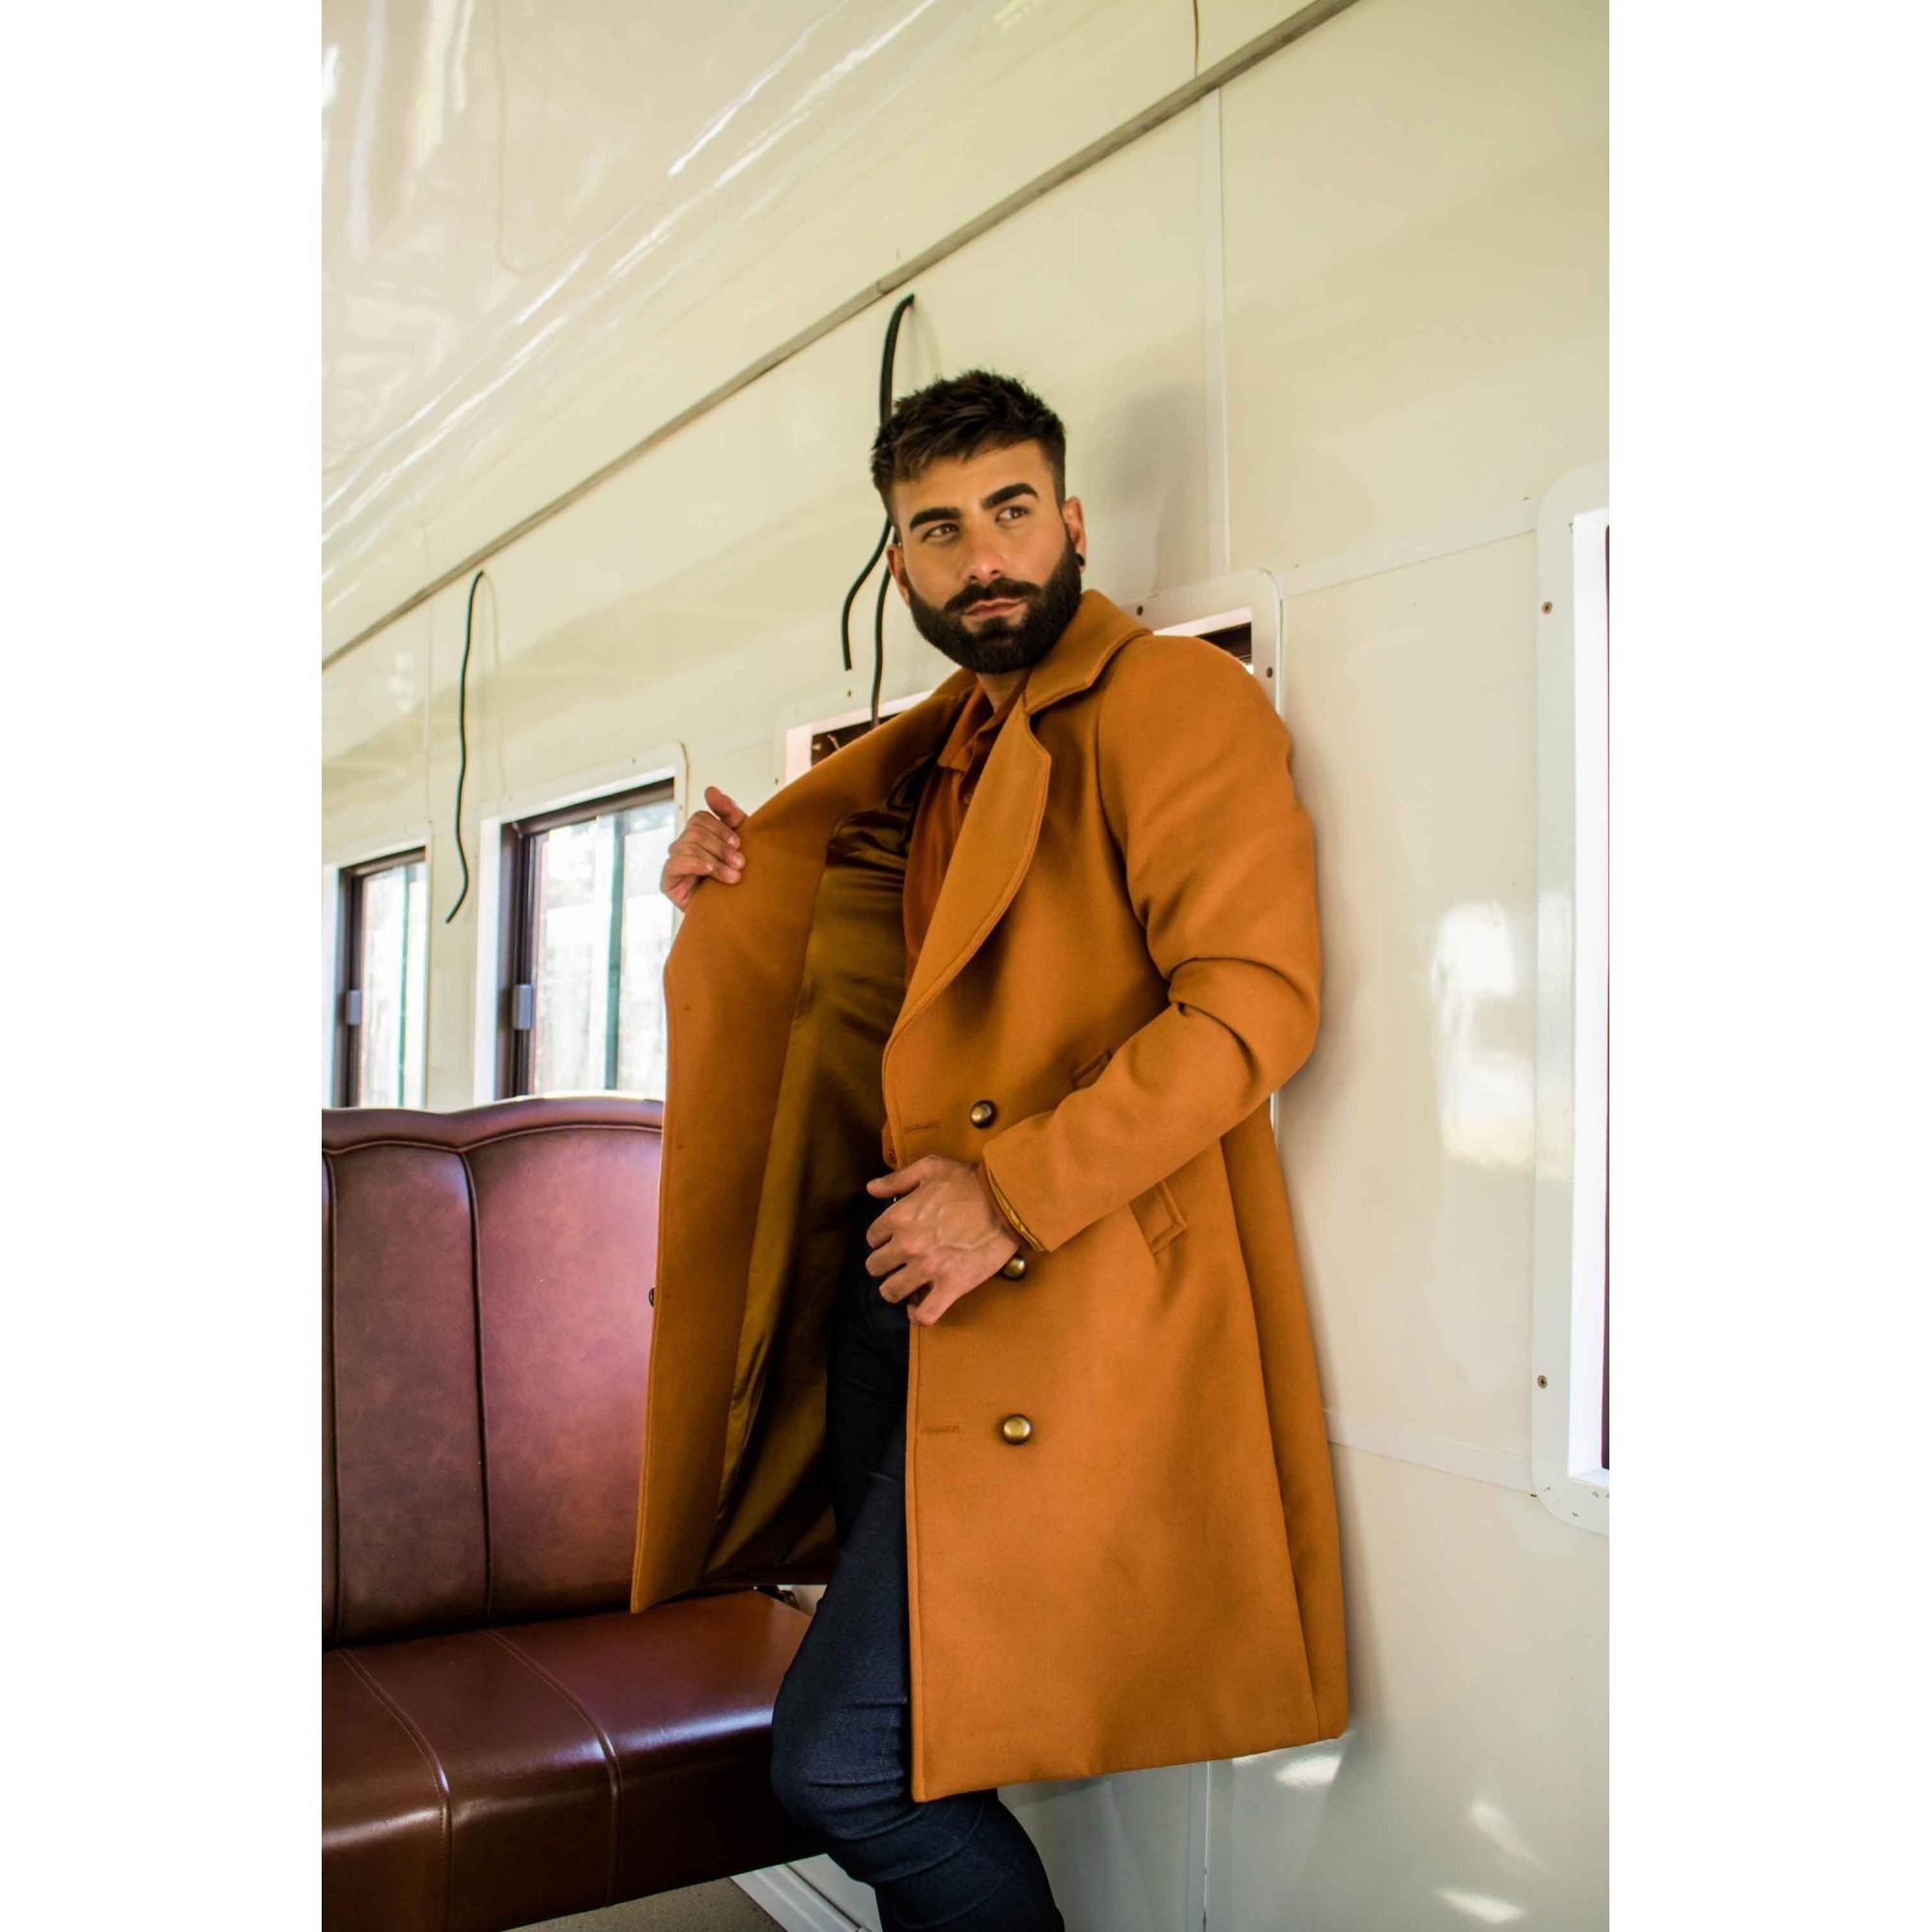 Sobretudo/Overcoat Masculino de Lã Marrom Caramelo